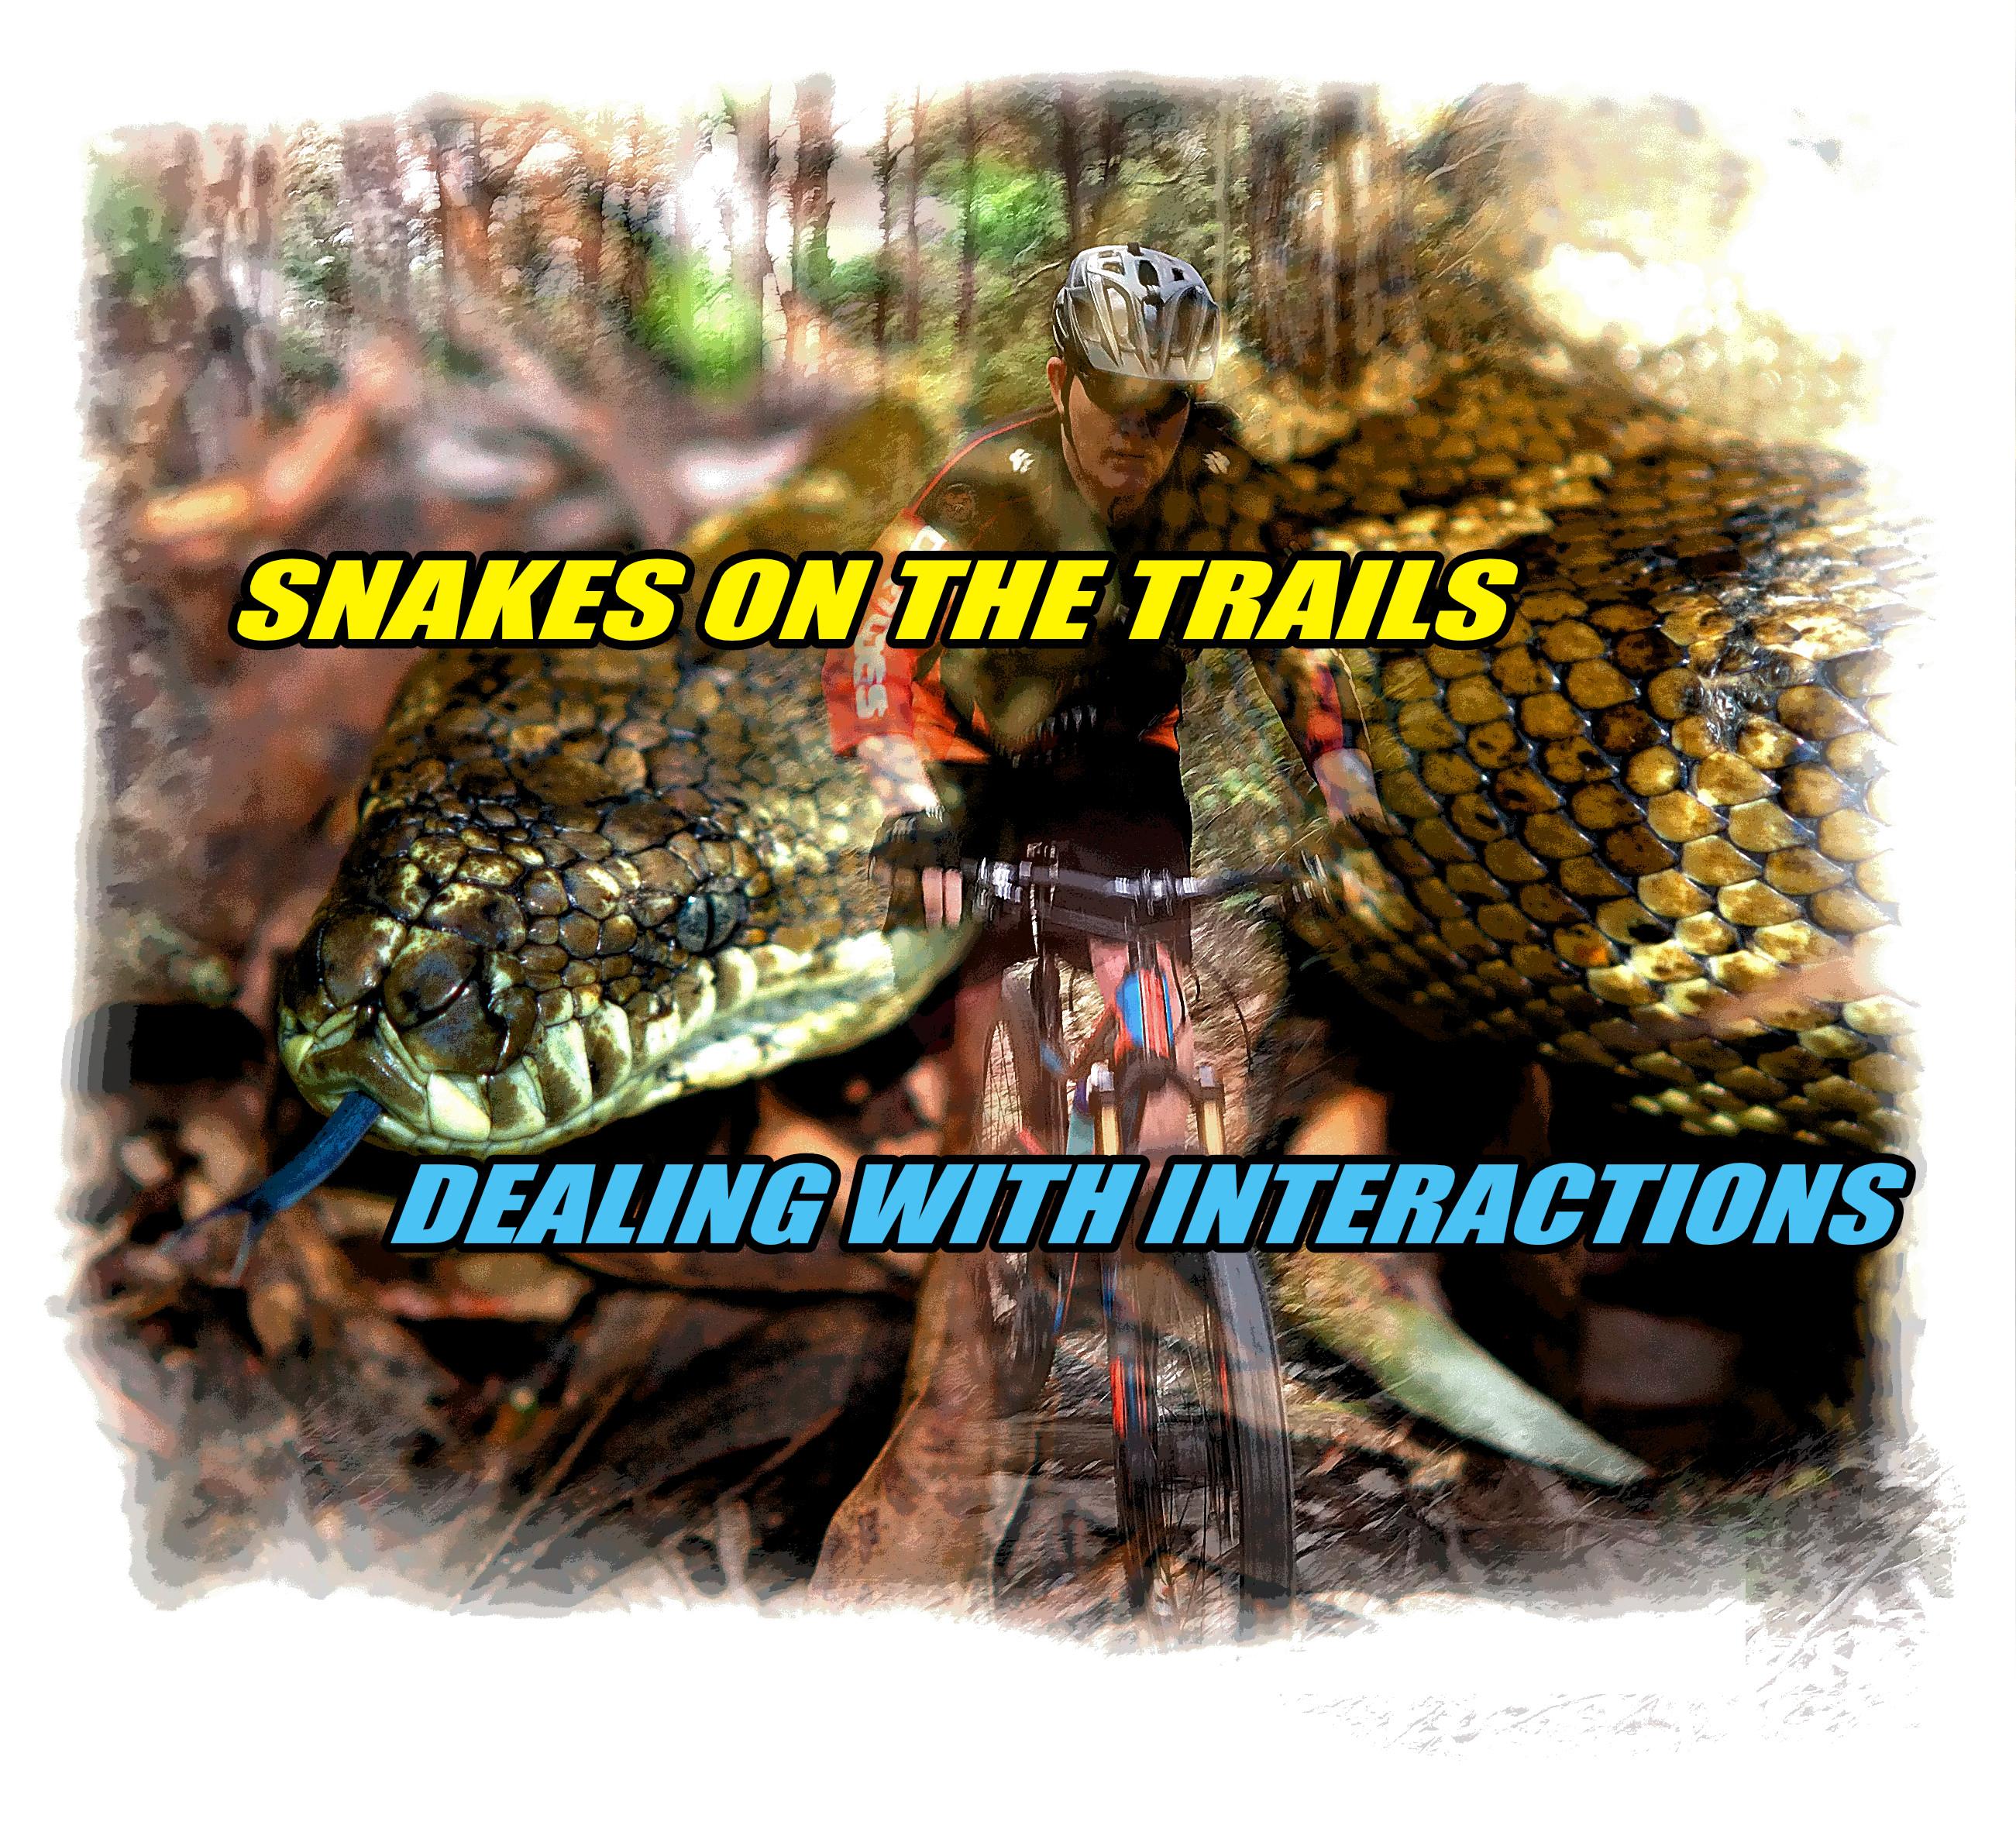 Snakes on the trail mtb mountain biking